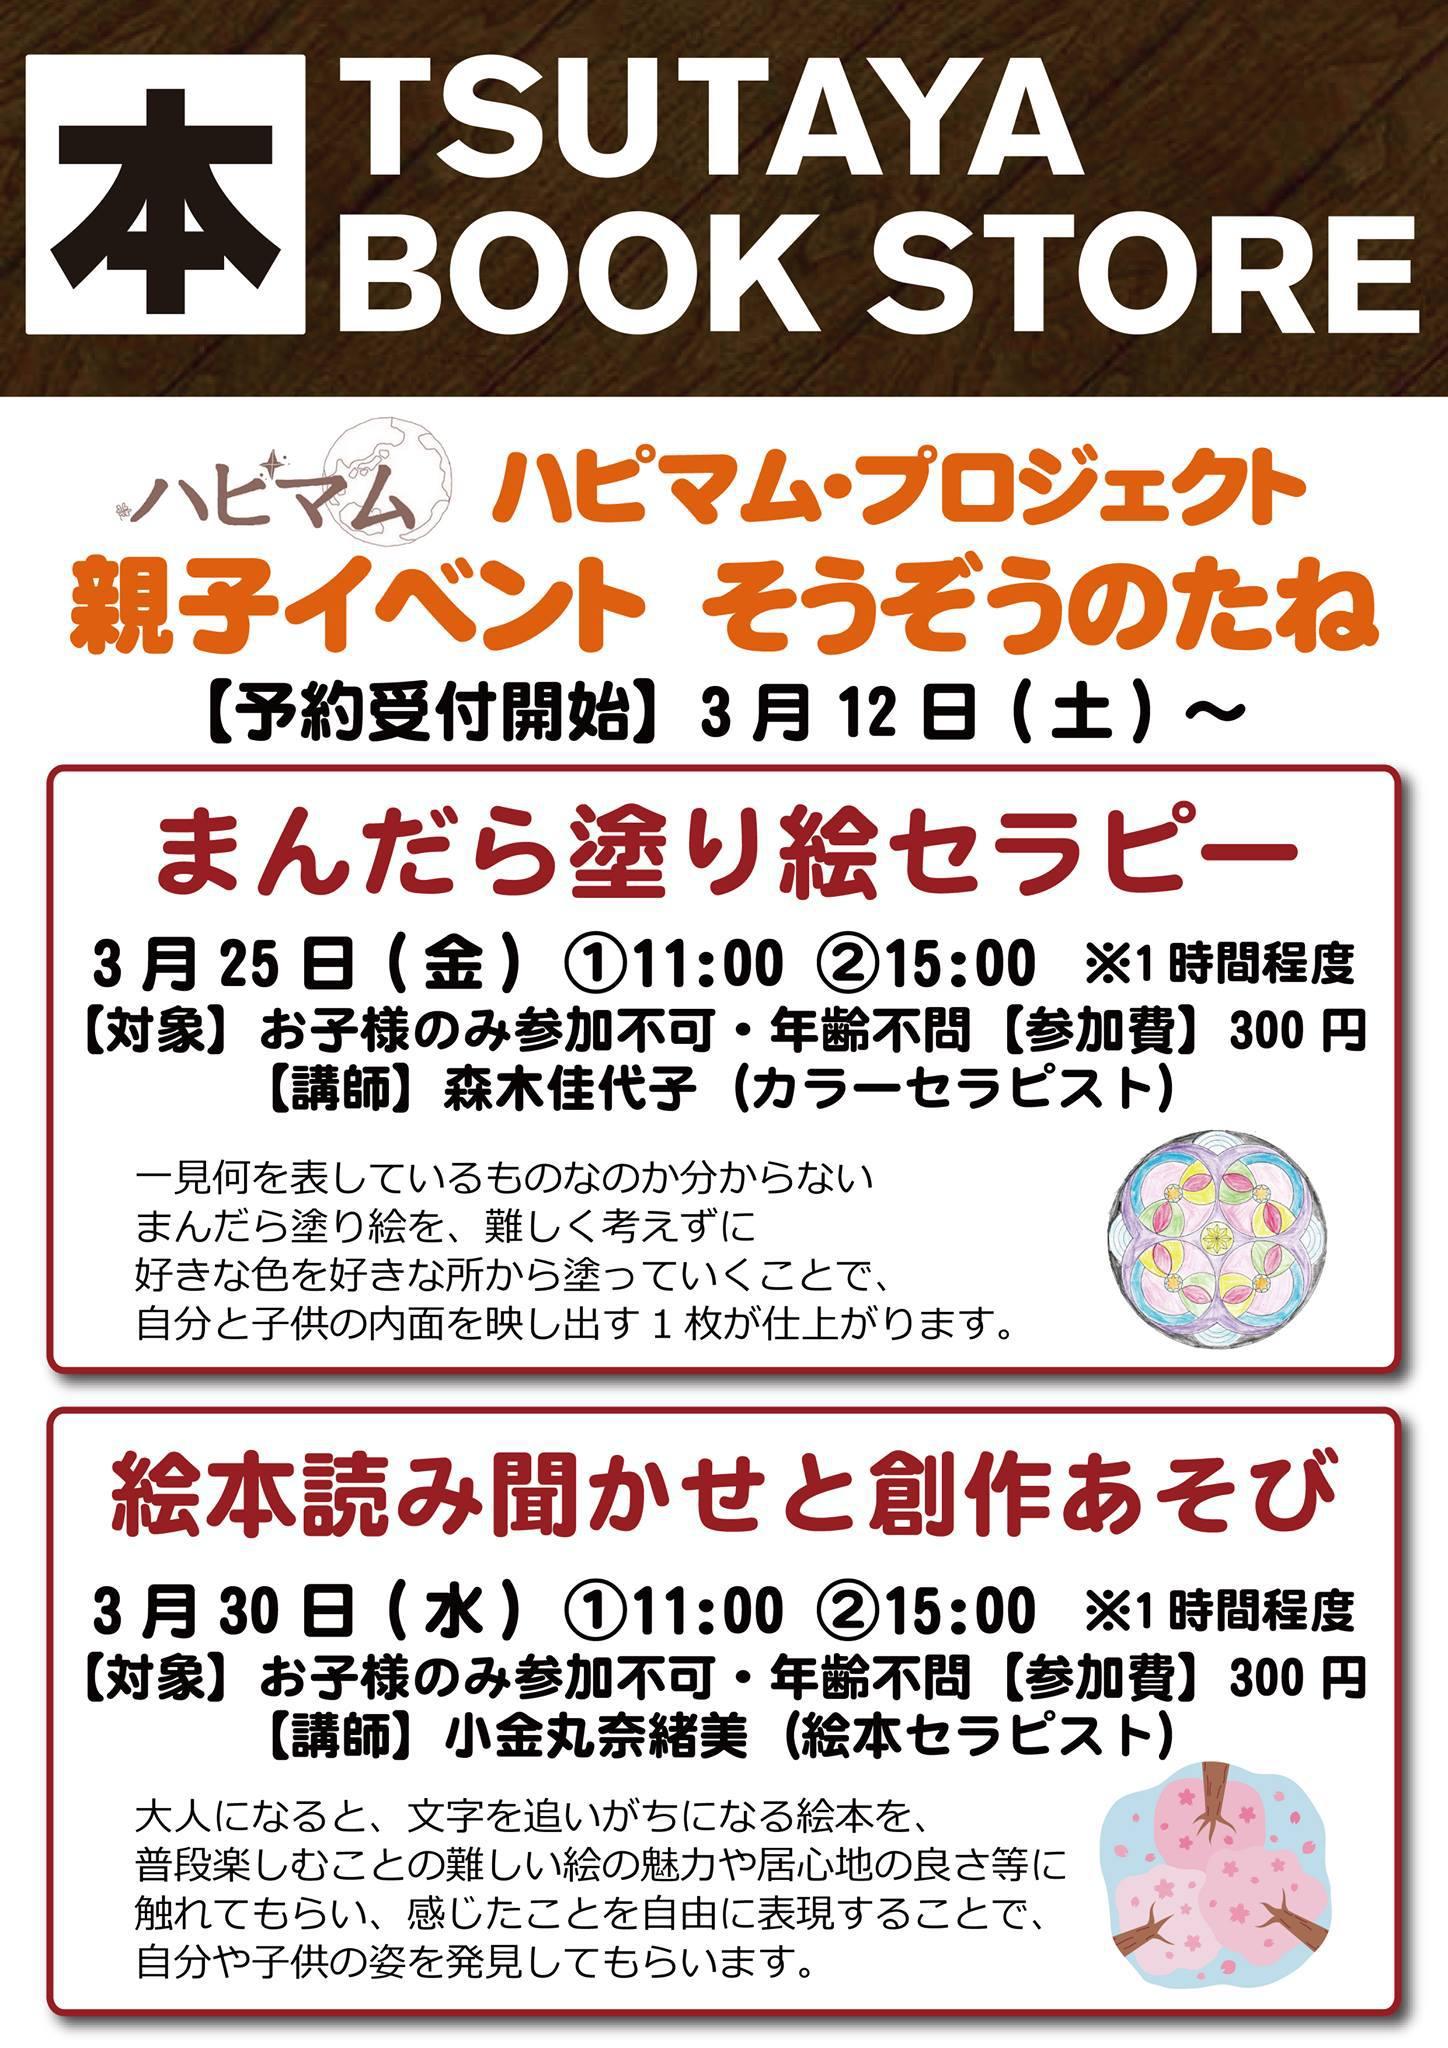 蔦屋書店ららぽーとEXPOCITY店イベント